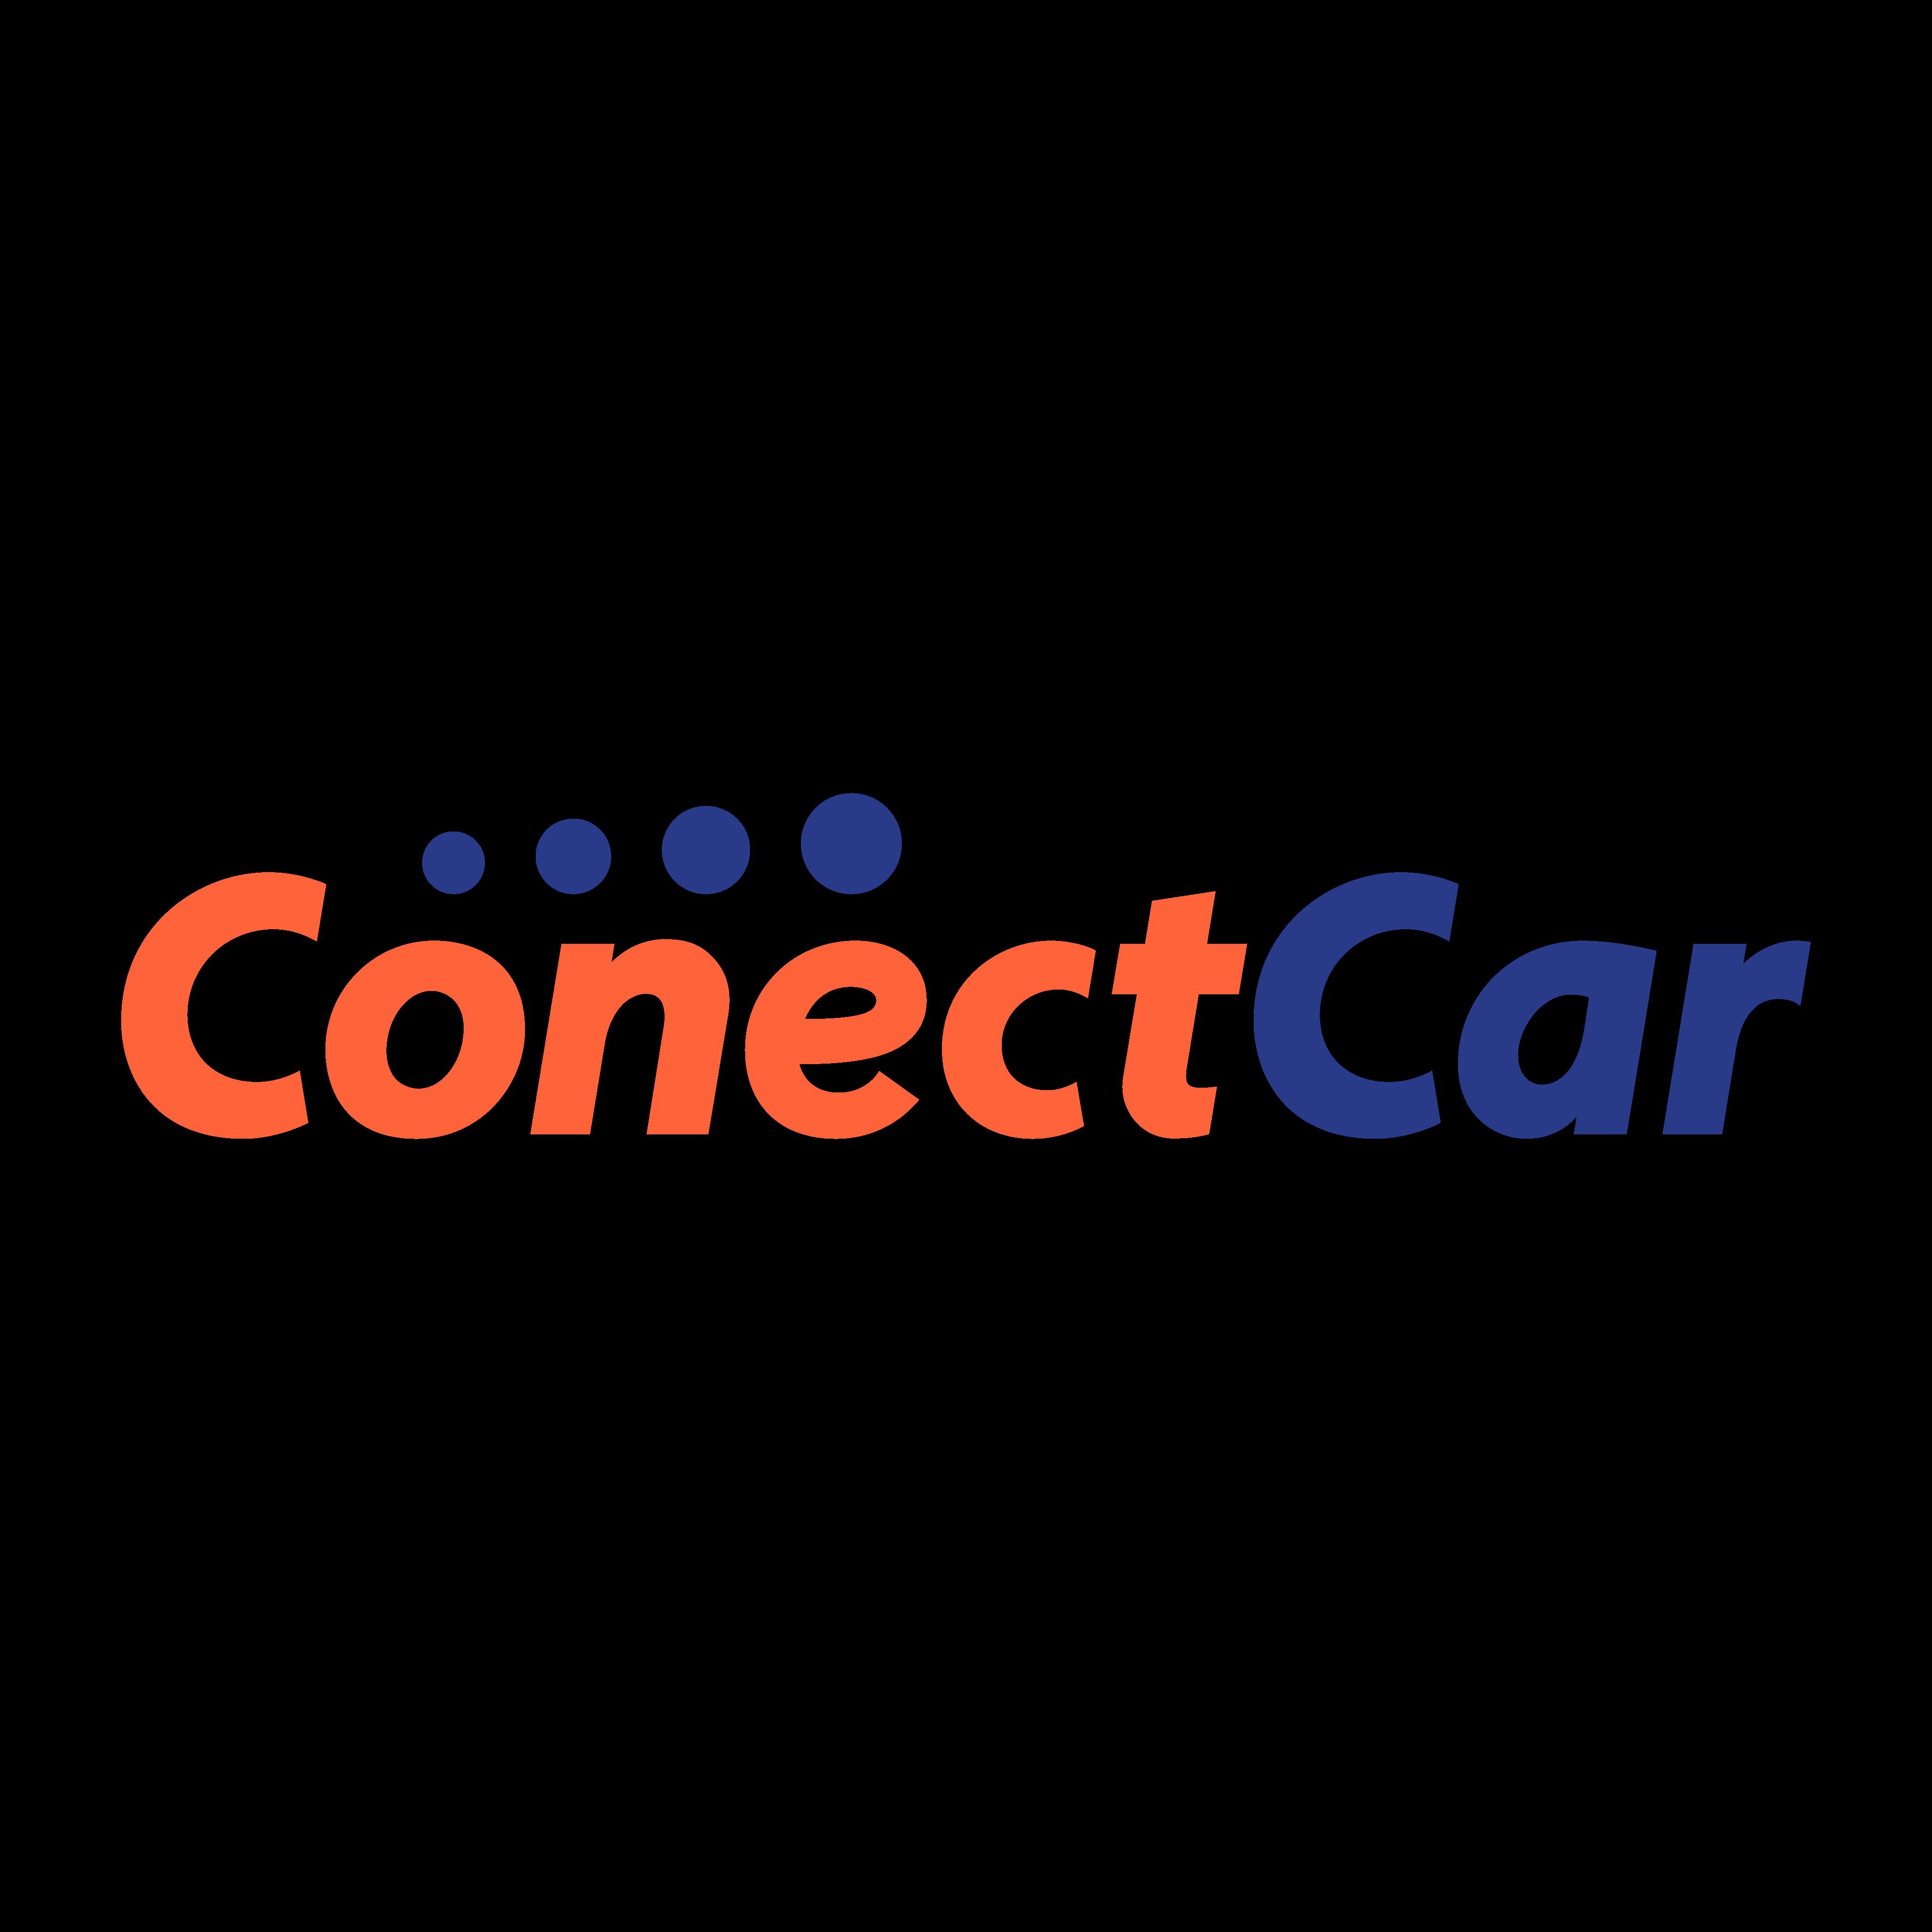 conectcar logo 0 - ConectCar Logo